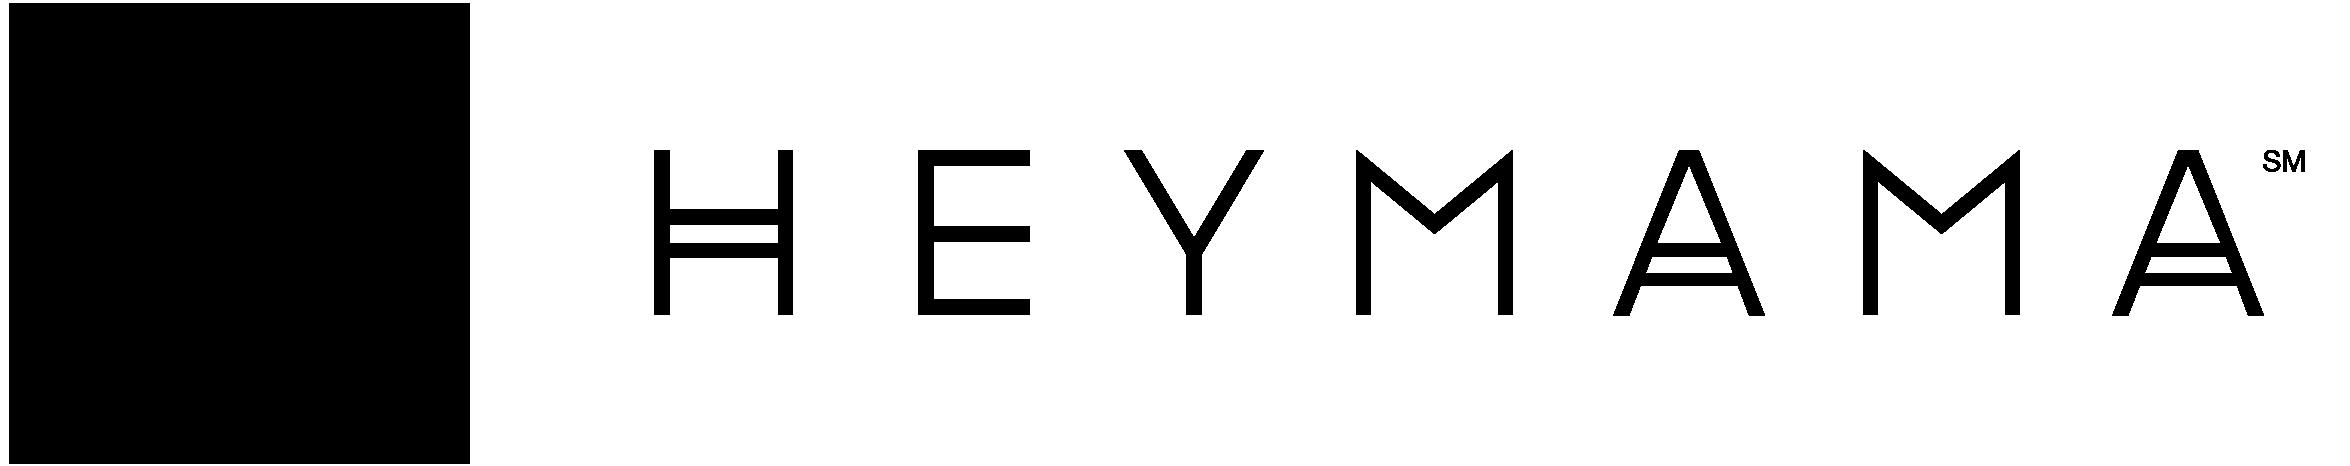 Hey Mama Logo